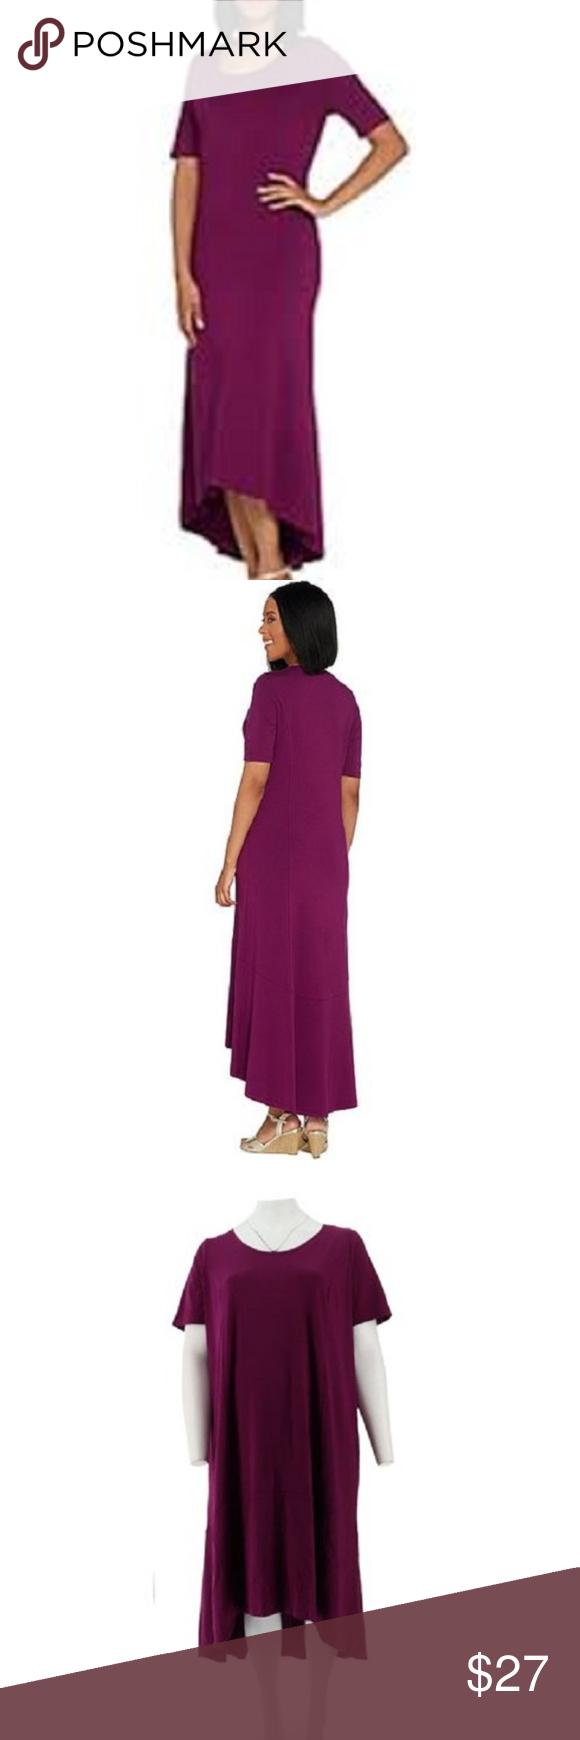 Qvc Size 18p 20p Petite Stretch Knit Maxi Dress Excellent Used Condition Isaac Mizrahi Designer Brand Purchased From Qvc Maxi Knit Dress Maxi Dress Dresses [ 1740 x 580 Pixel ]